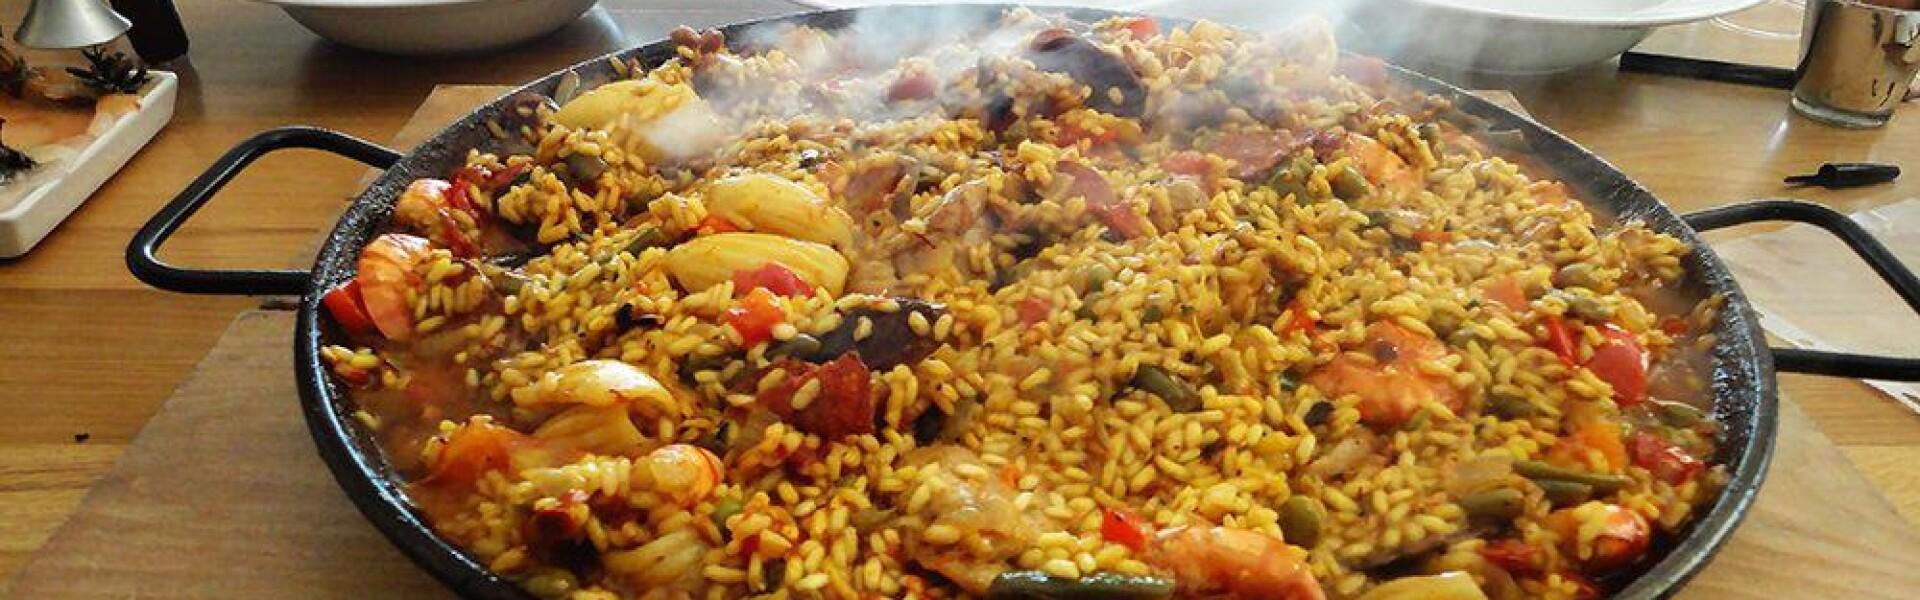 CoolWNS ·Испанская кухня